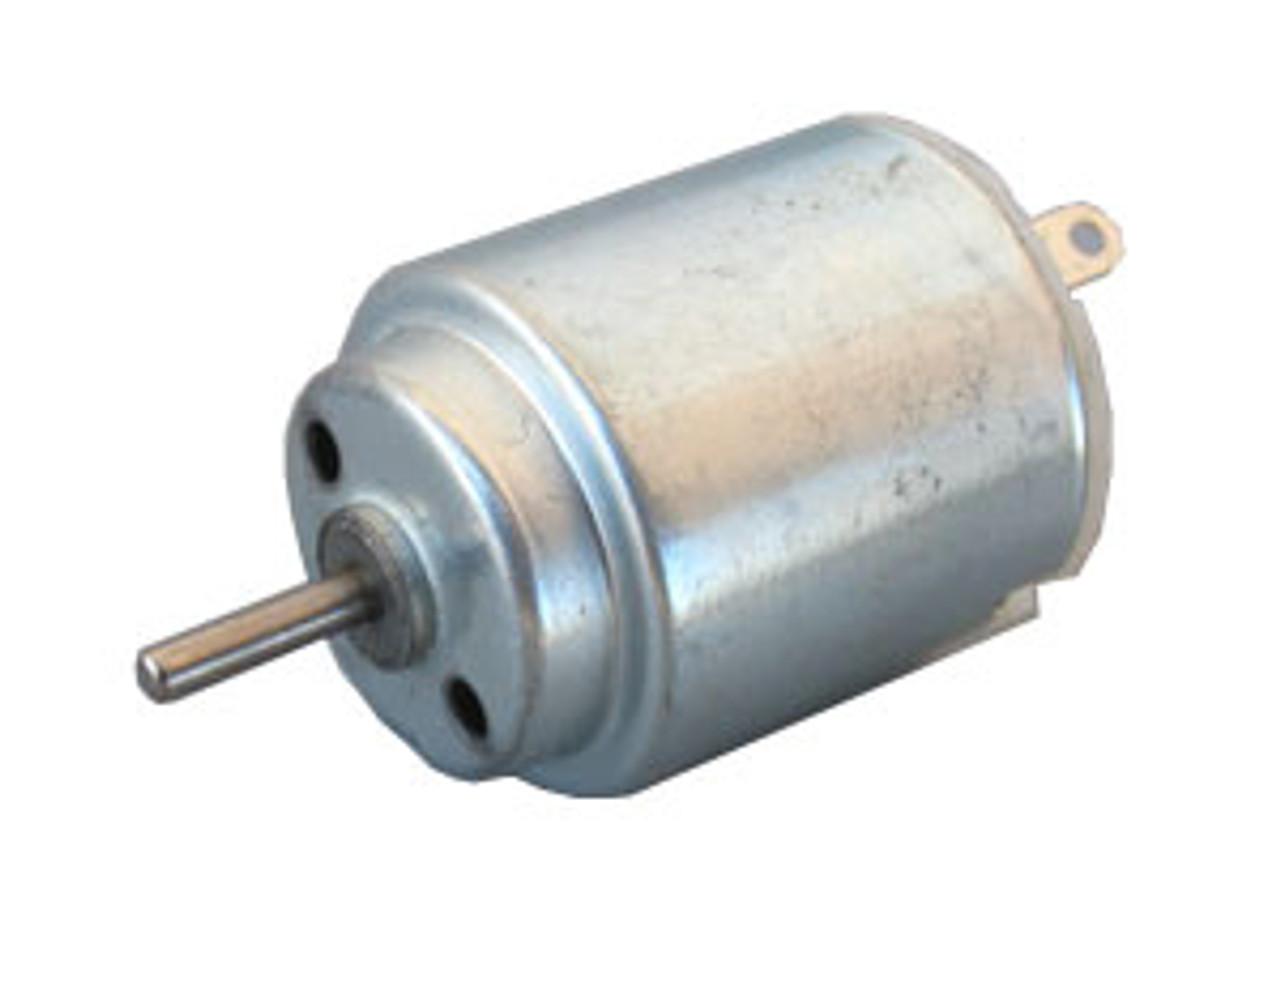 DC Motor, Round, Metal Brush